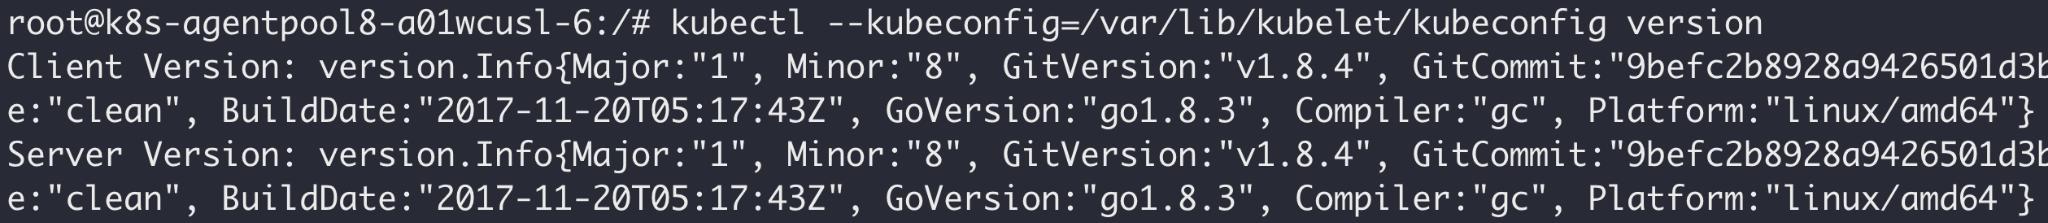 Azure Container Instancesは、Kubernetes v1.8.4、v1.9.10、v1.10.9のいずれかを実行しているクラスタにホストされていました。これらのバージョンは2017年11月から2018年10月の間にリリースされたもので、複数の公知の脆弱性が存在します。